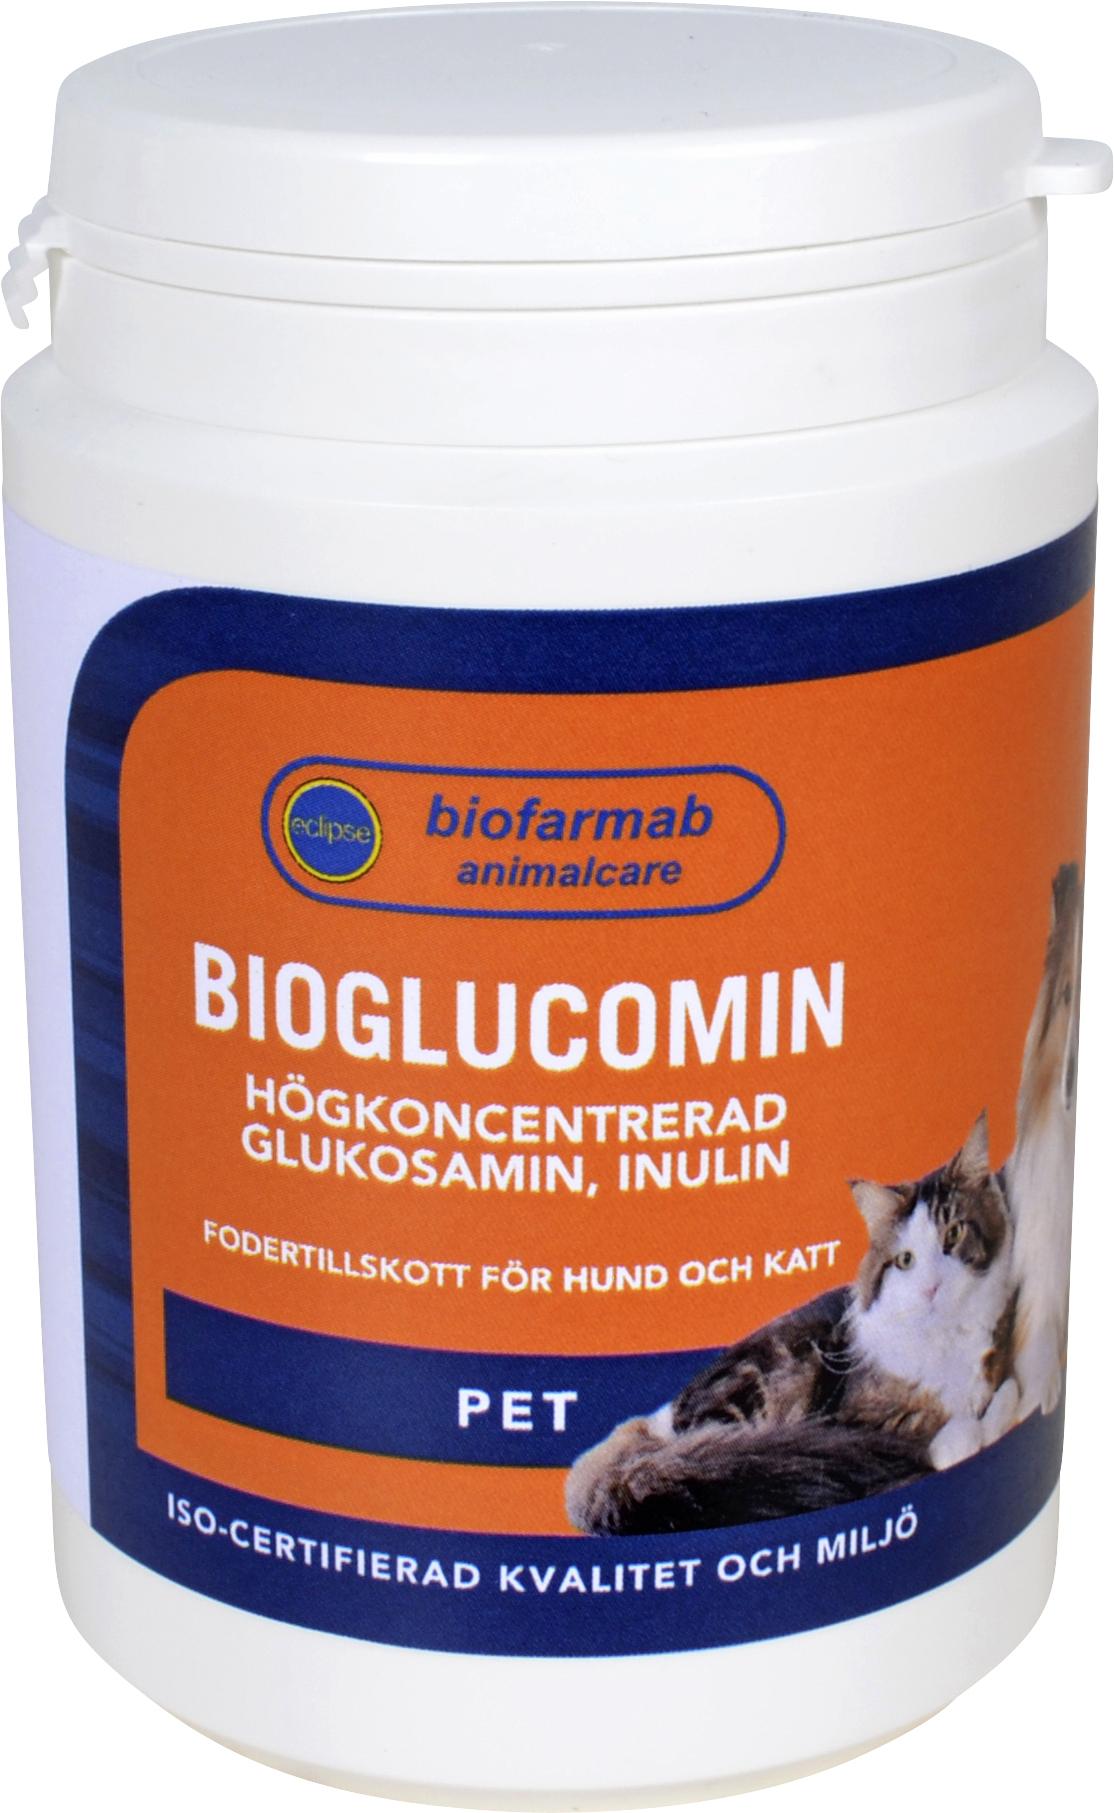 Näringstillskott Eclipse Biofarmab Bioglucomin, 150 g